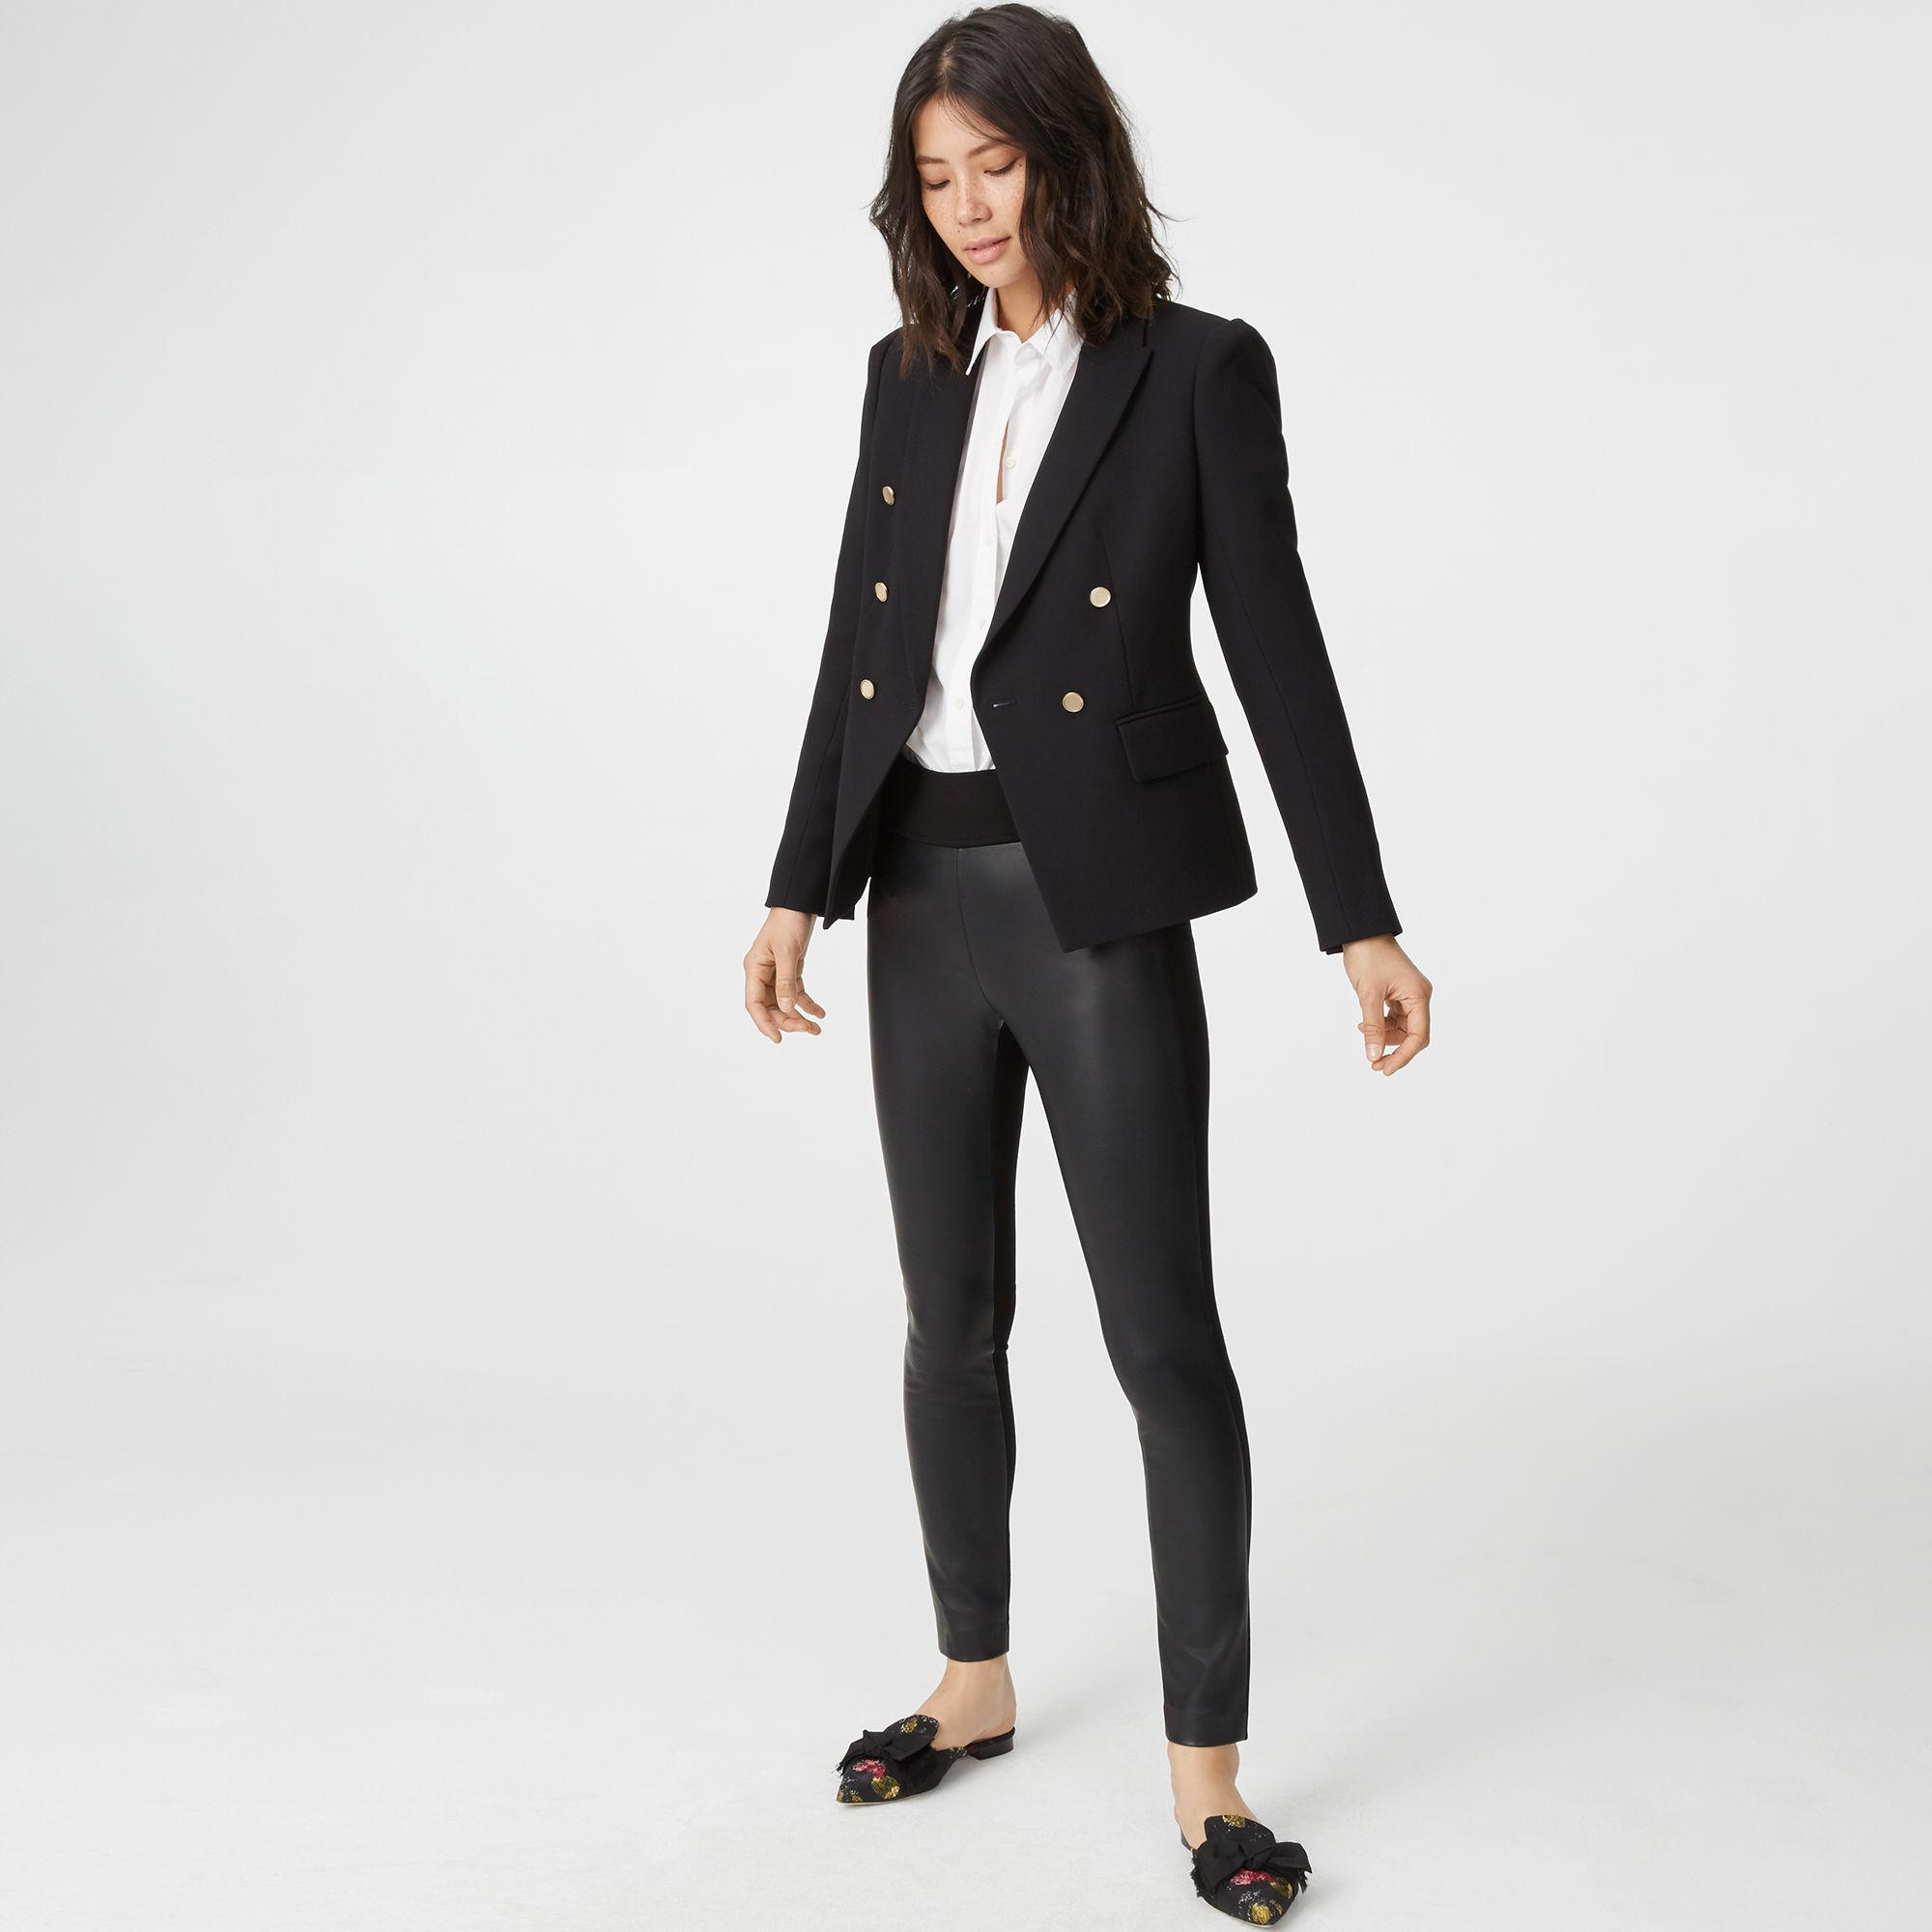 907f5716f037f Lyst - Club Monaco Tasha Faux Leather Legging in Black